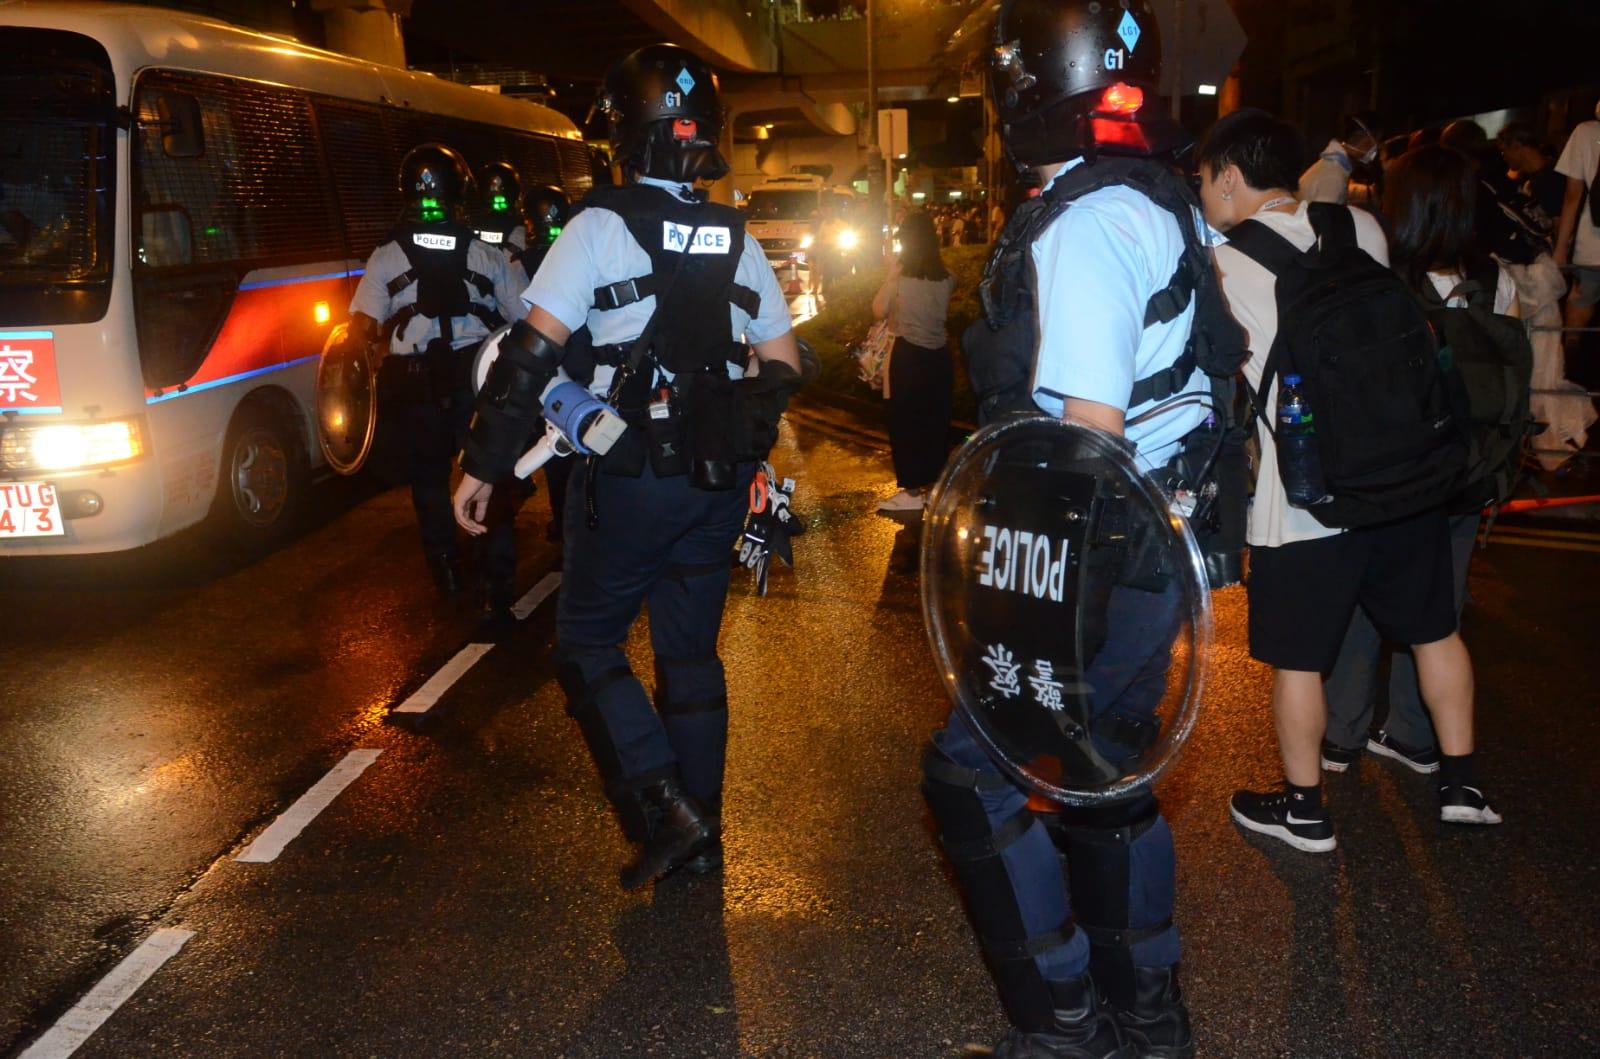 【逃犯條例】示威者衝出龍和道夏慤道 架鐵馬陣佔據東西行線